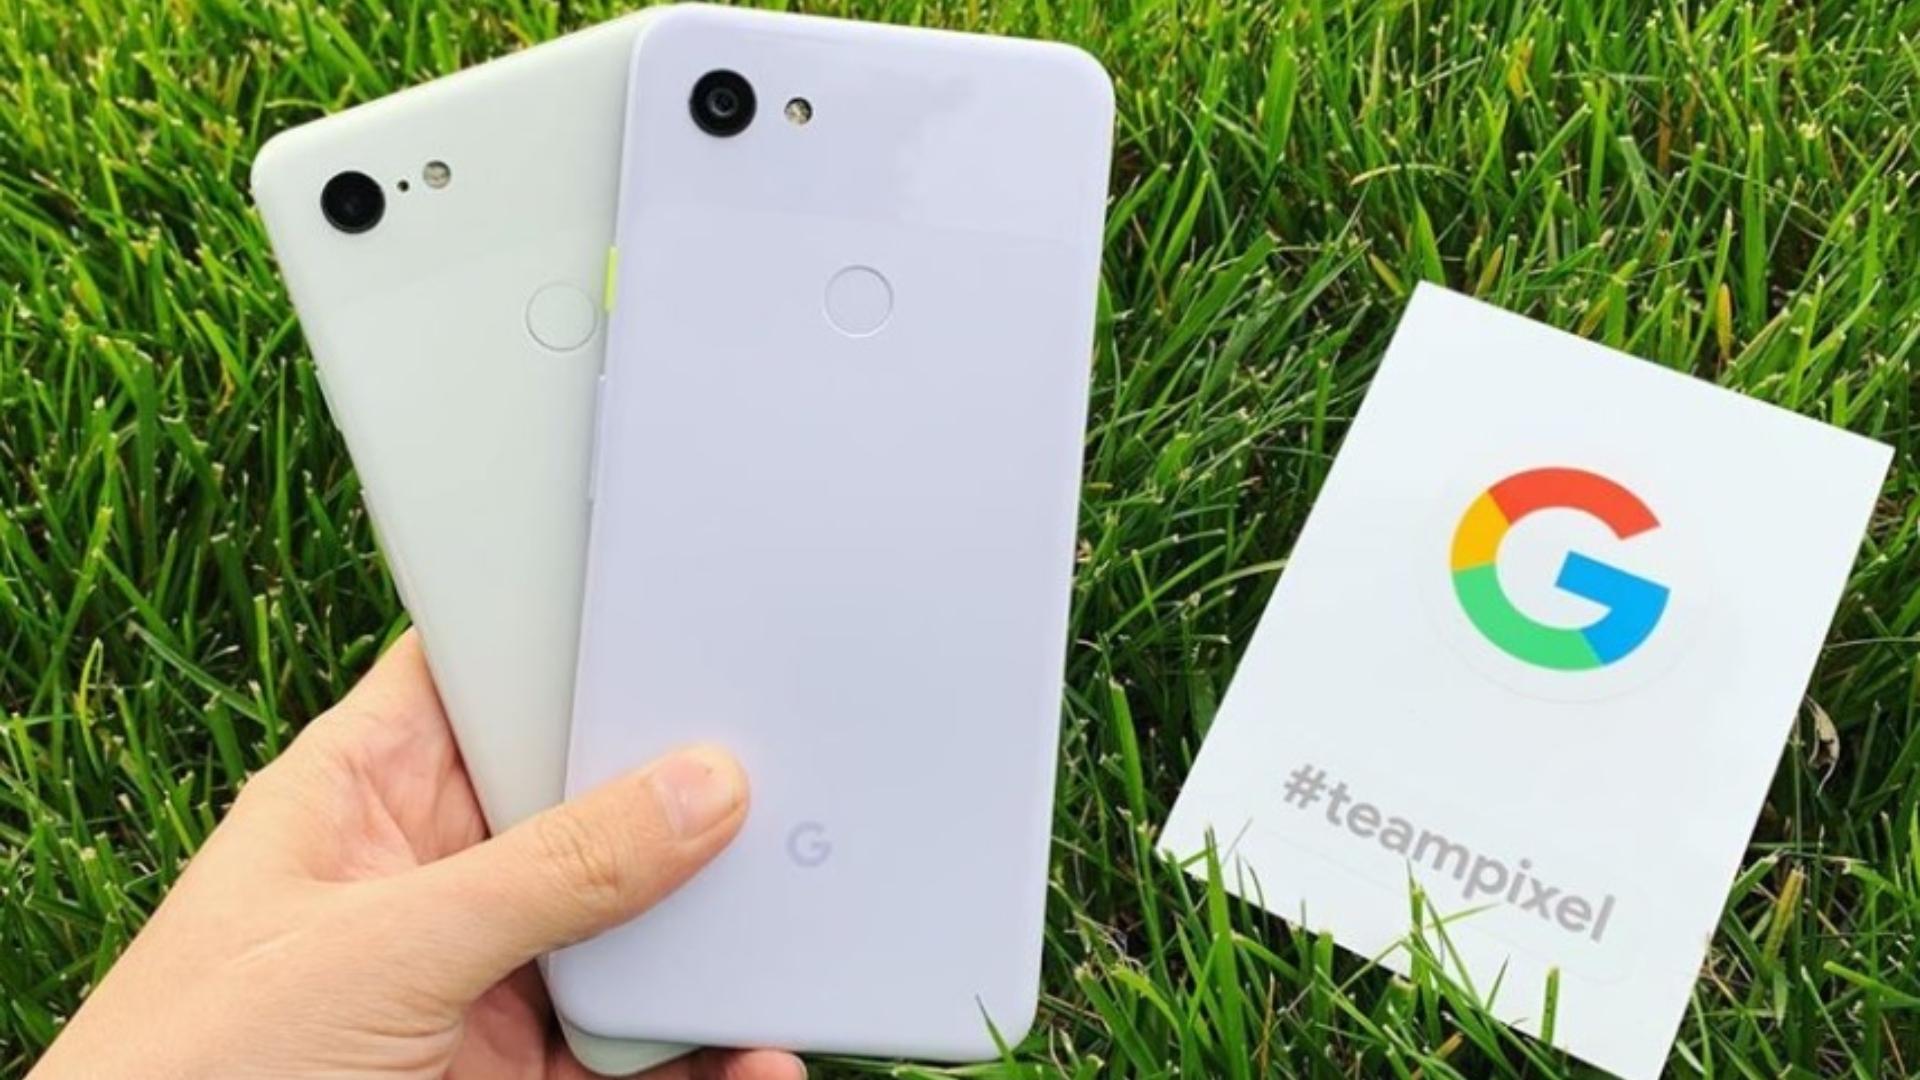 Pixeles es la nuevageneración de telefonía móvil de Google (Foto: Instagram)